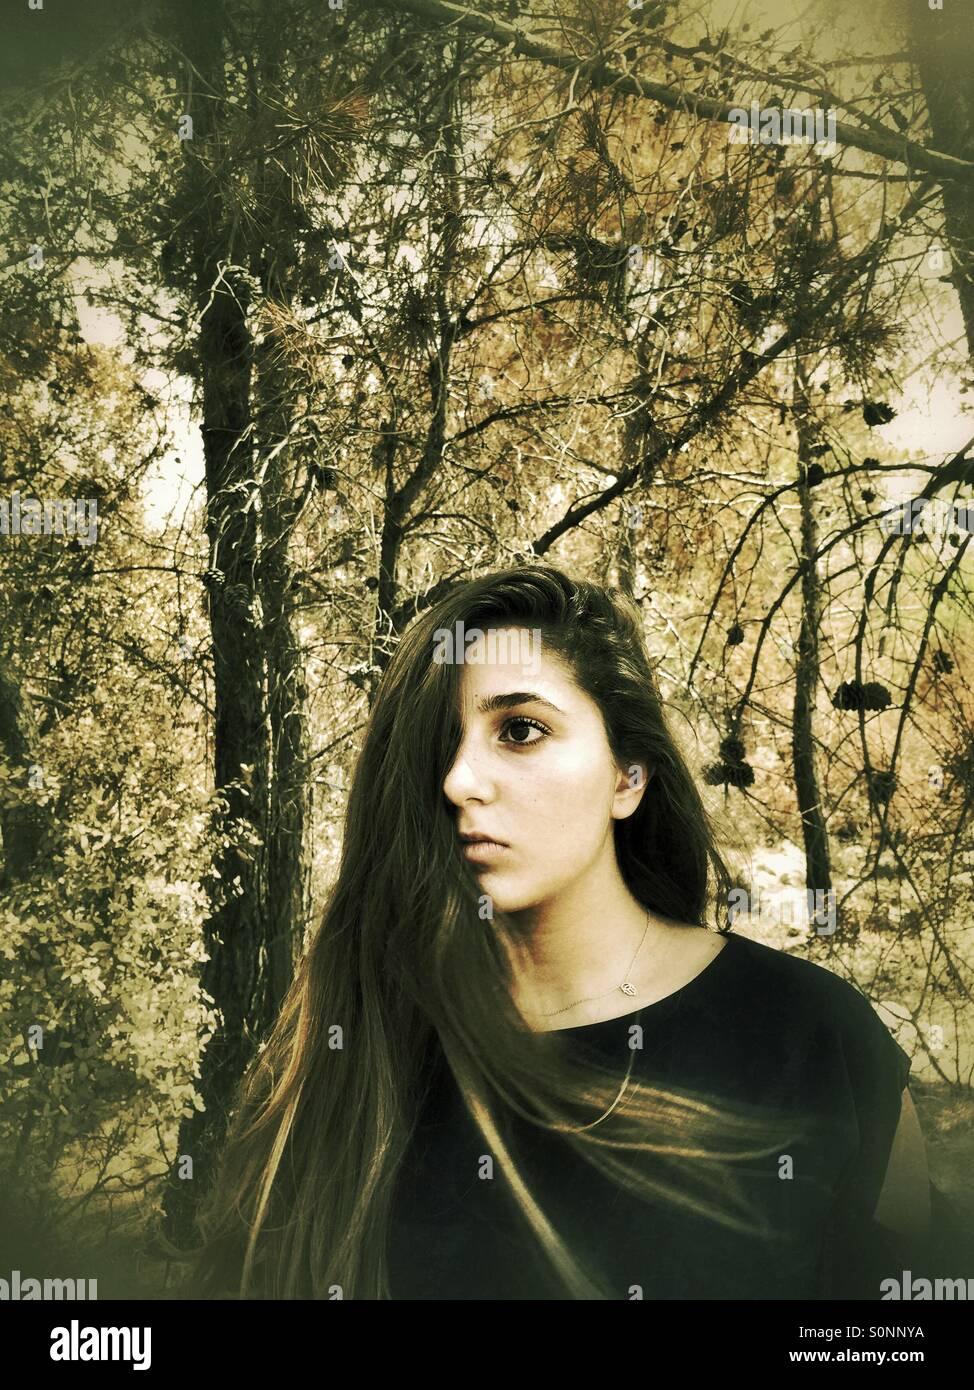 Asustada adolescente mirar lejos en el bosque Foto de stock